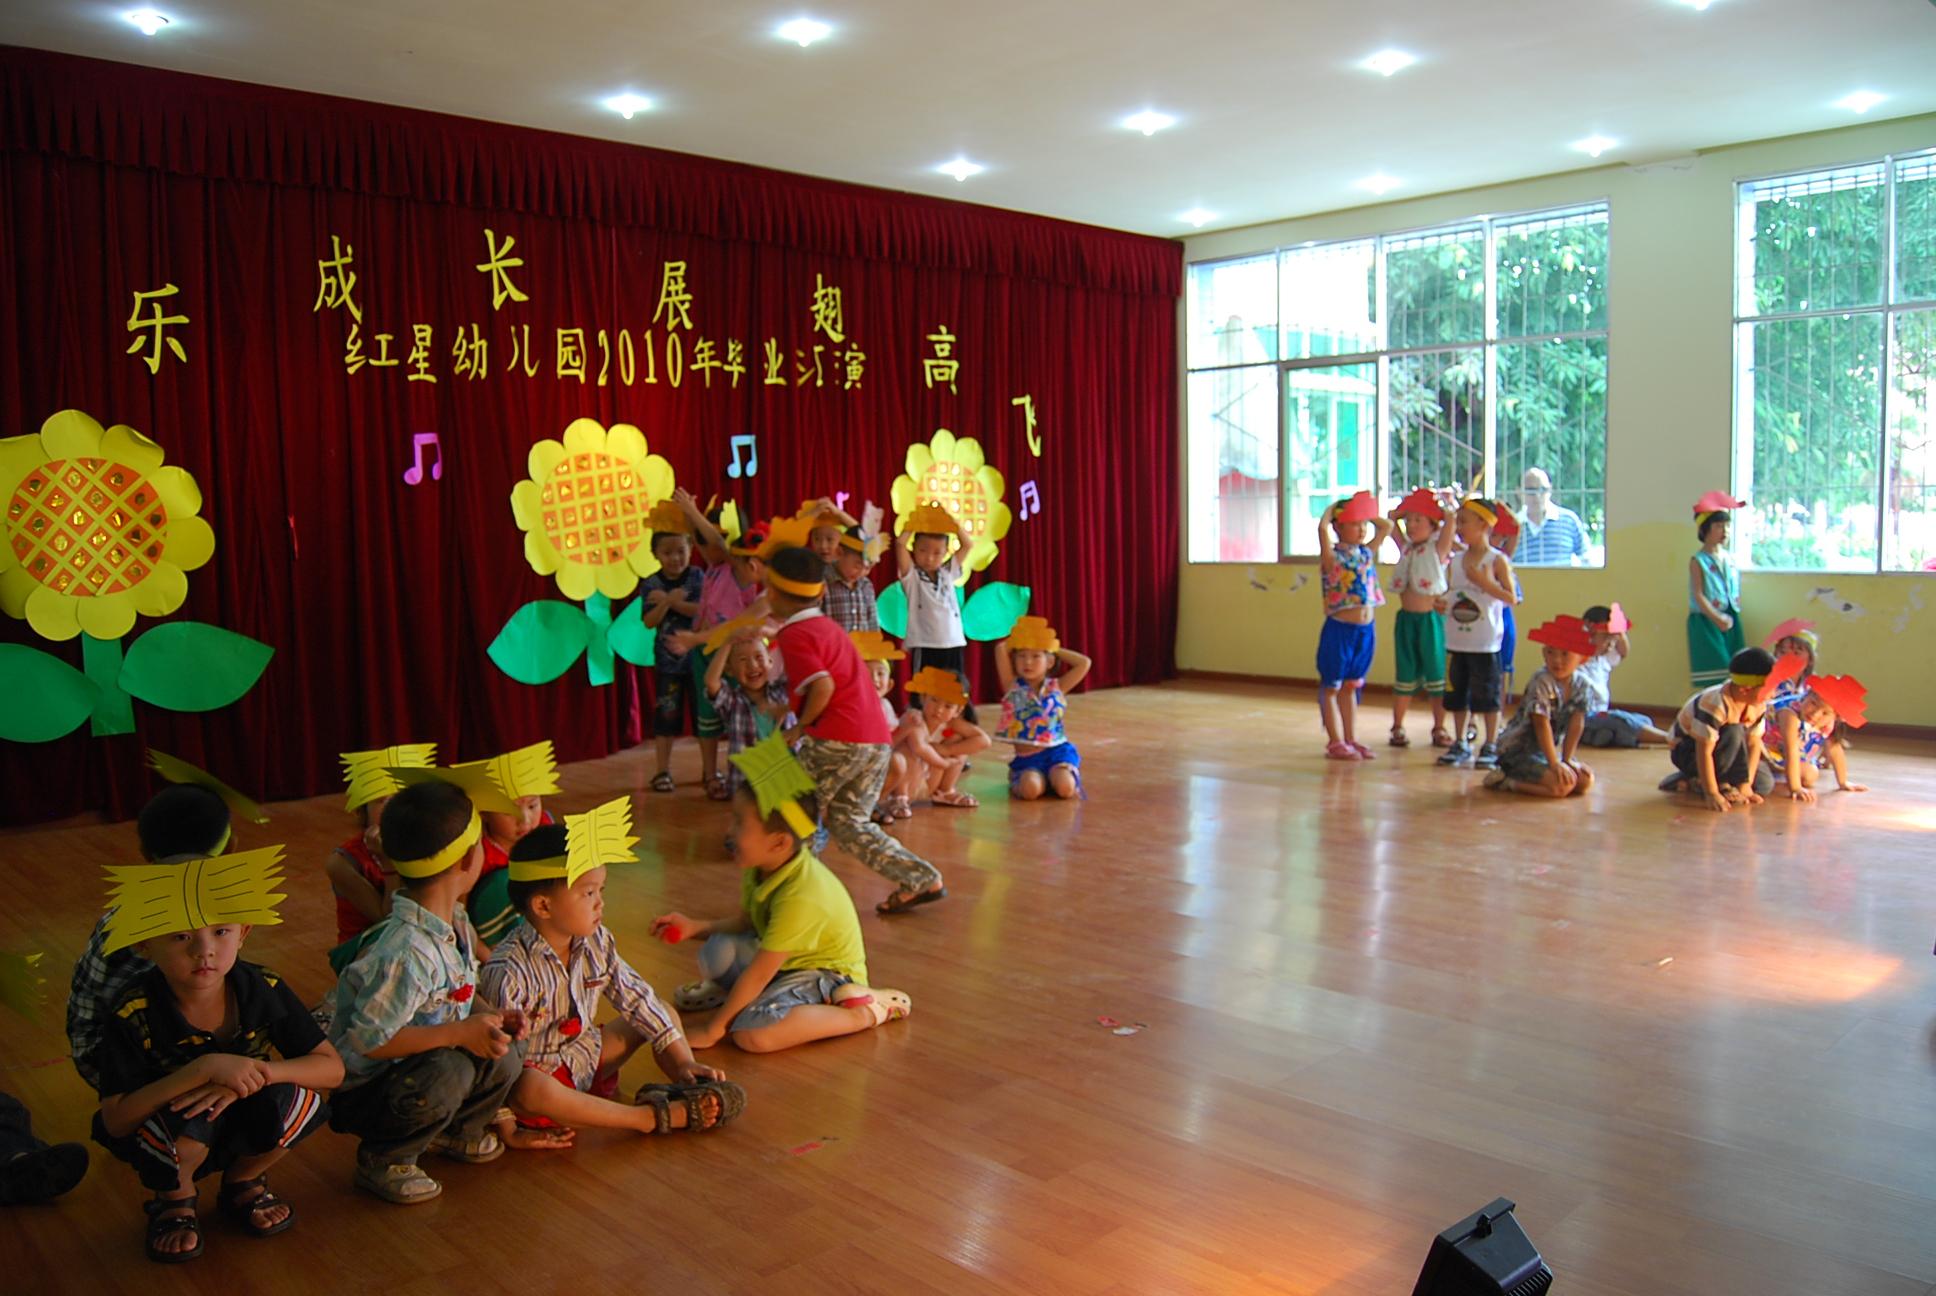 2010幼儿园毕业典礼